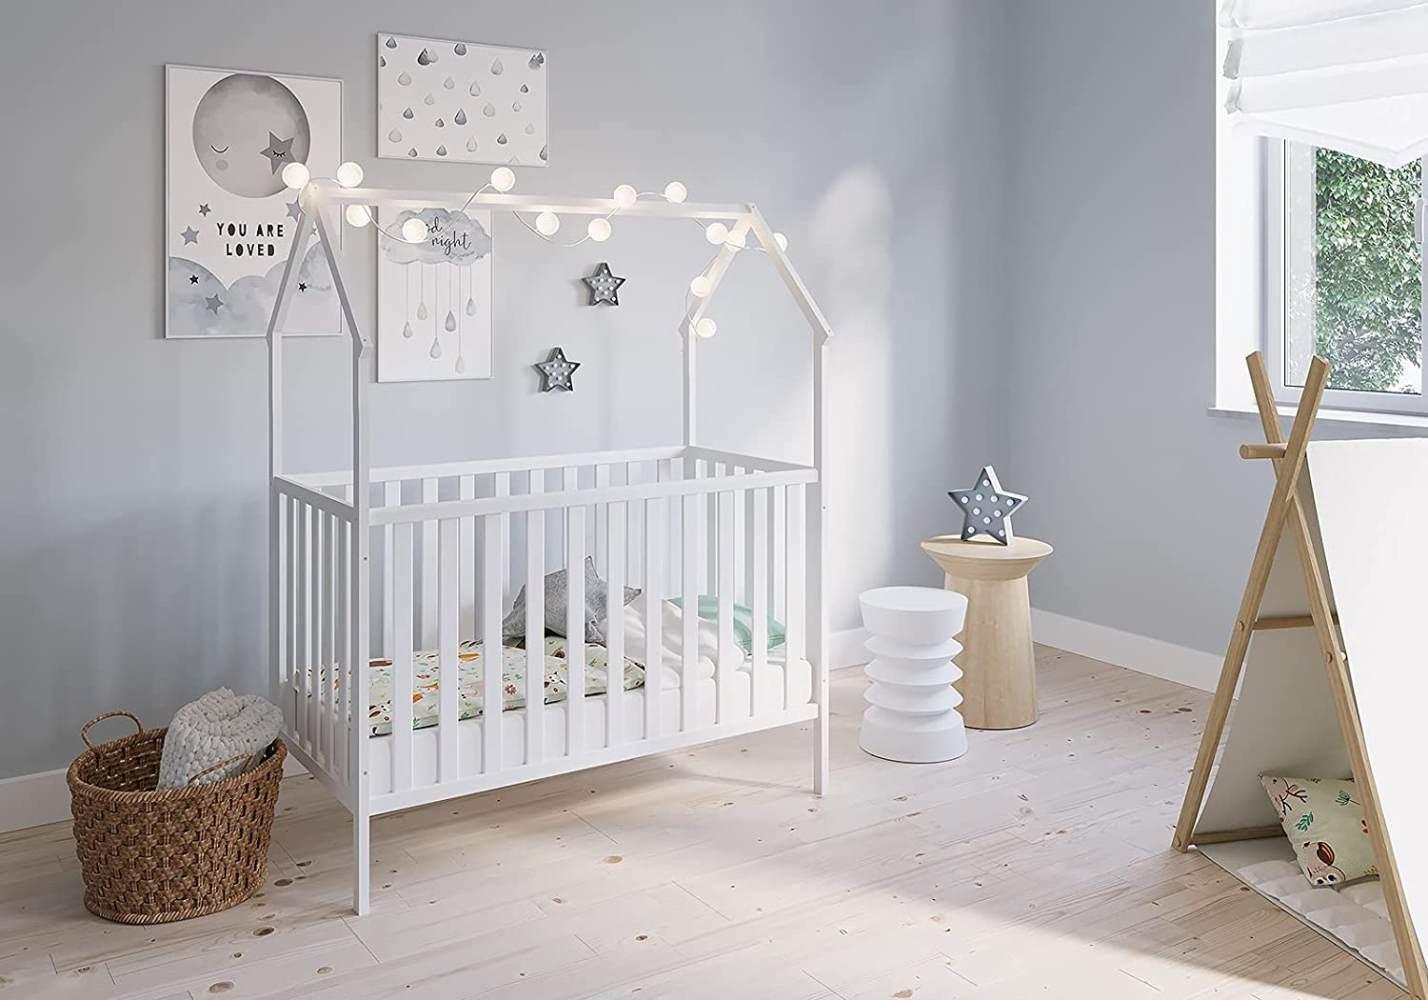 FabiMax 'Schlafmütze' Kinderbett, 60 x 120 cm, weiß, mit Matratze Classic, Kiefer massiv, 3-fach höhenverstellbar, umbaubar Bild 1